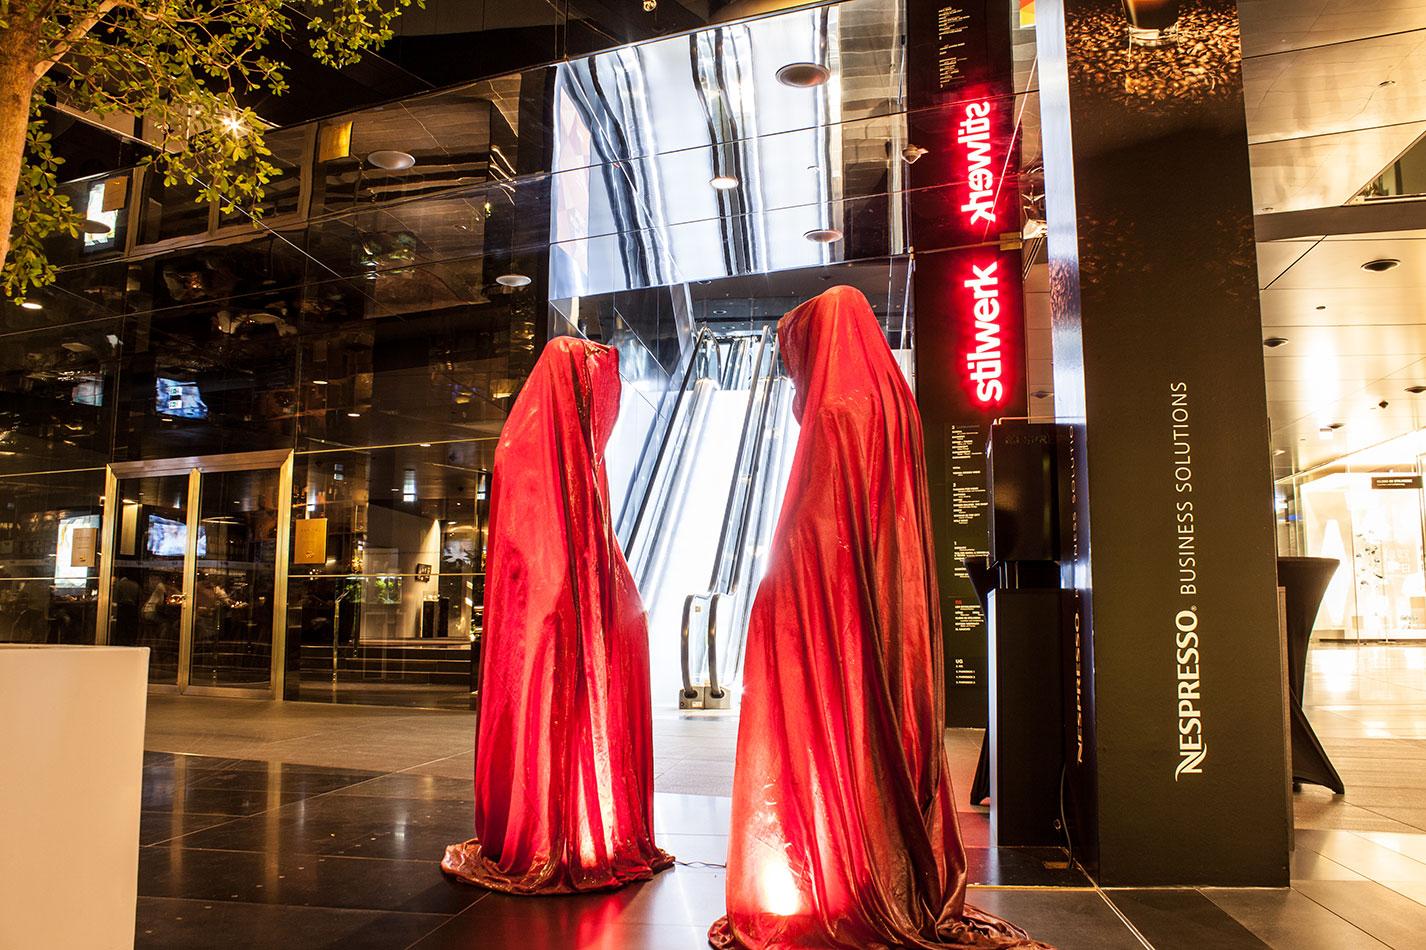 stilwerk-wien-design-tower-vienna-duekouba-designkooperation-guardians-of-time-manfred-kieli-kielnhofer-contemporary-fine-art-arts-design-installation-antique-show-4833